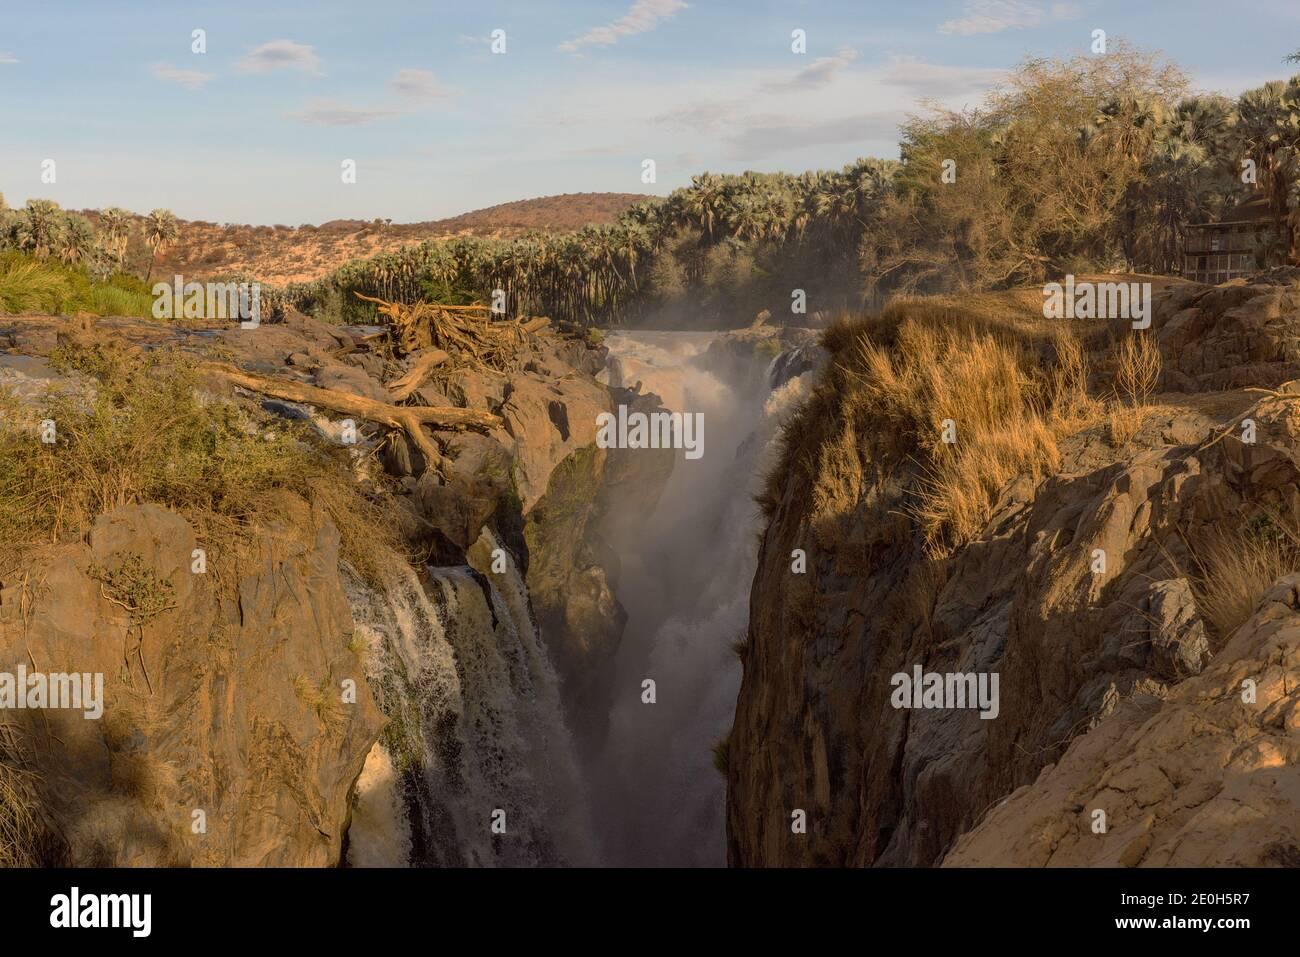 Les chutes Epupa de la rivière Kunene à la frontière Entre l'Angola et la Namibie Banque D'Images